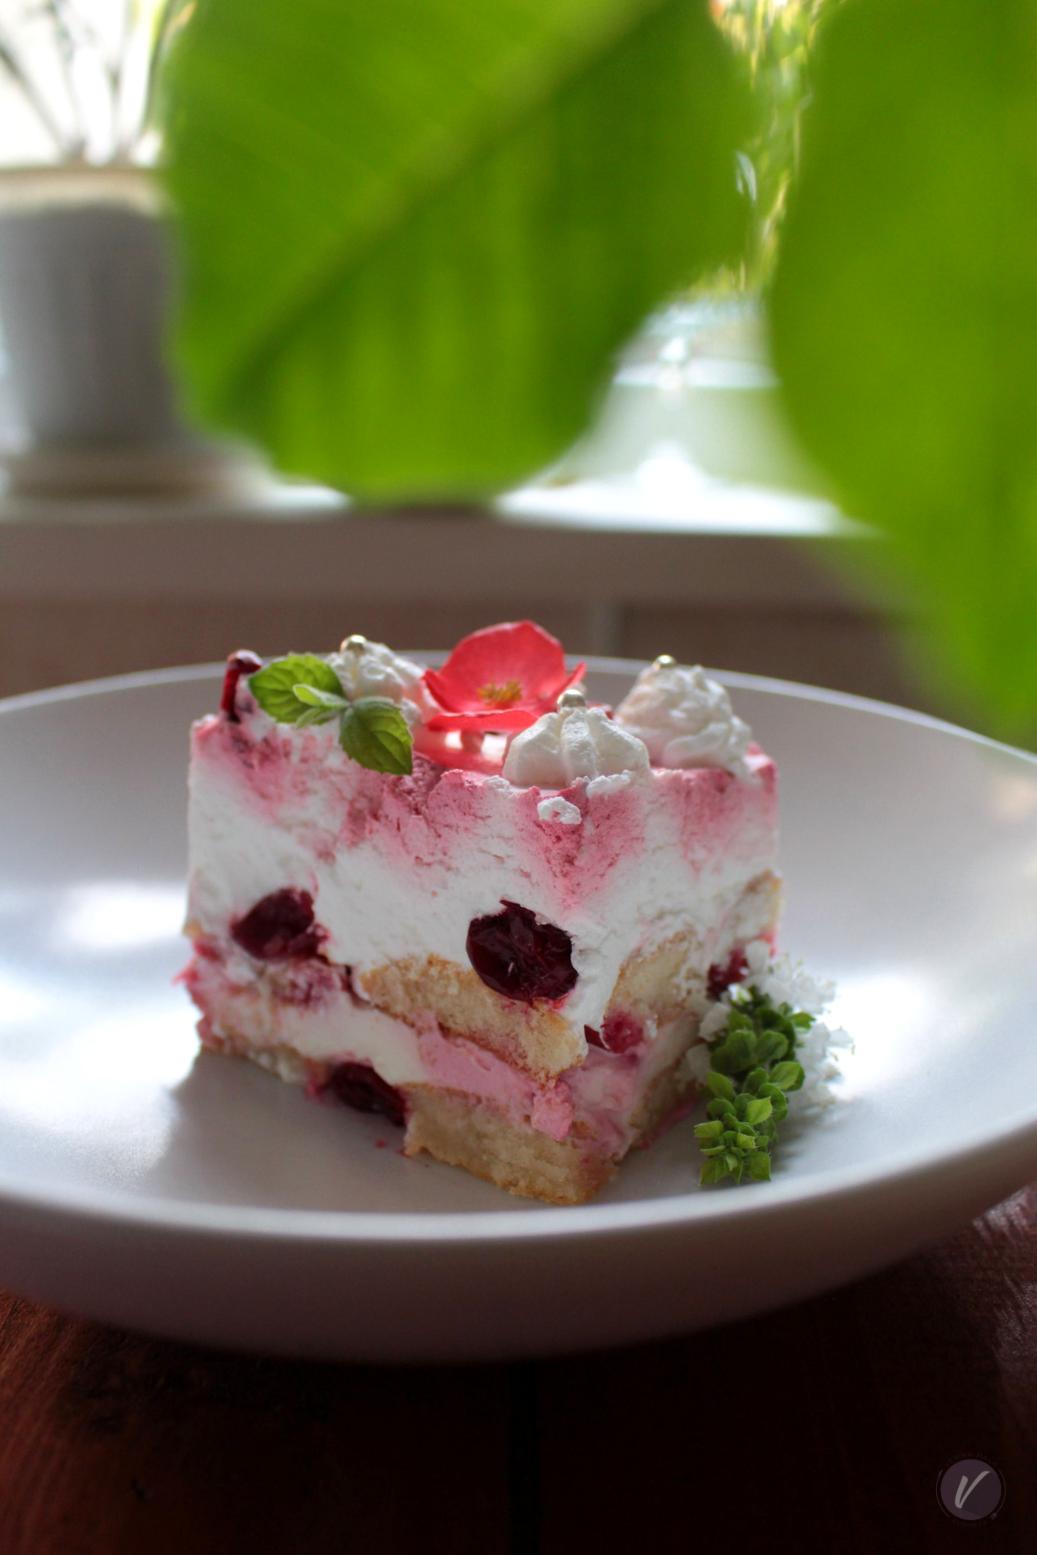 Brz i jednostavan recept za kolac sa piskotama i vocem